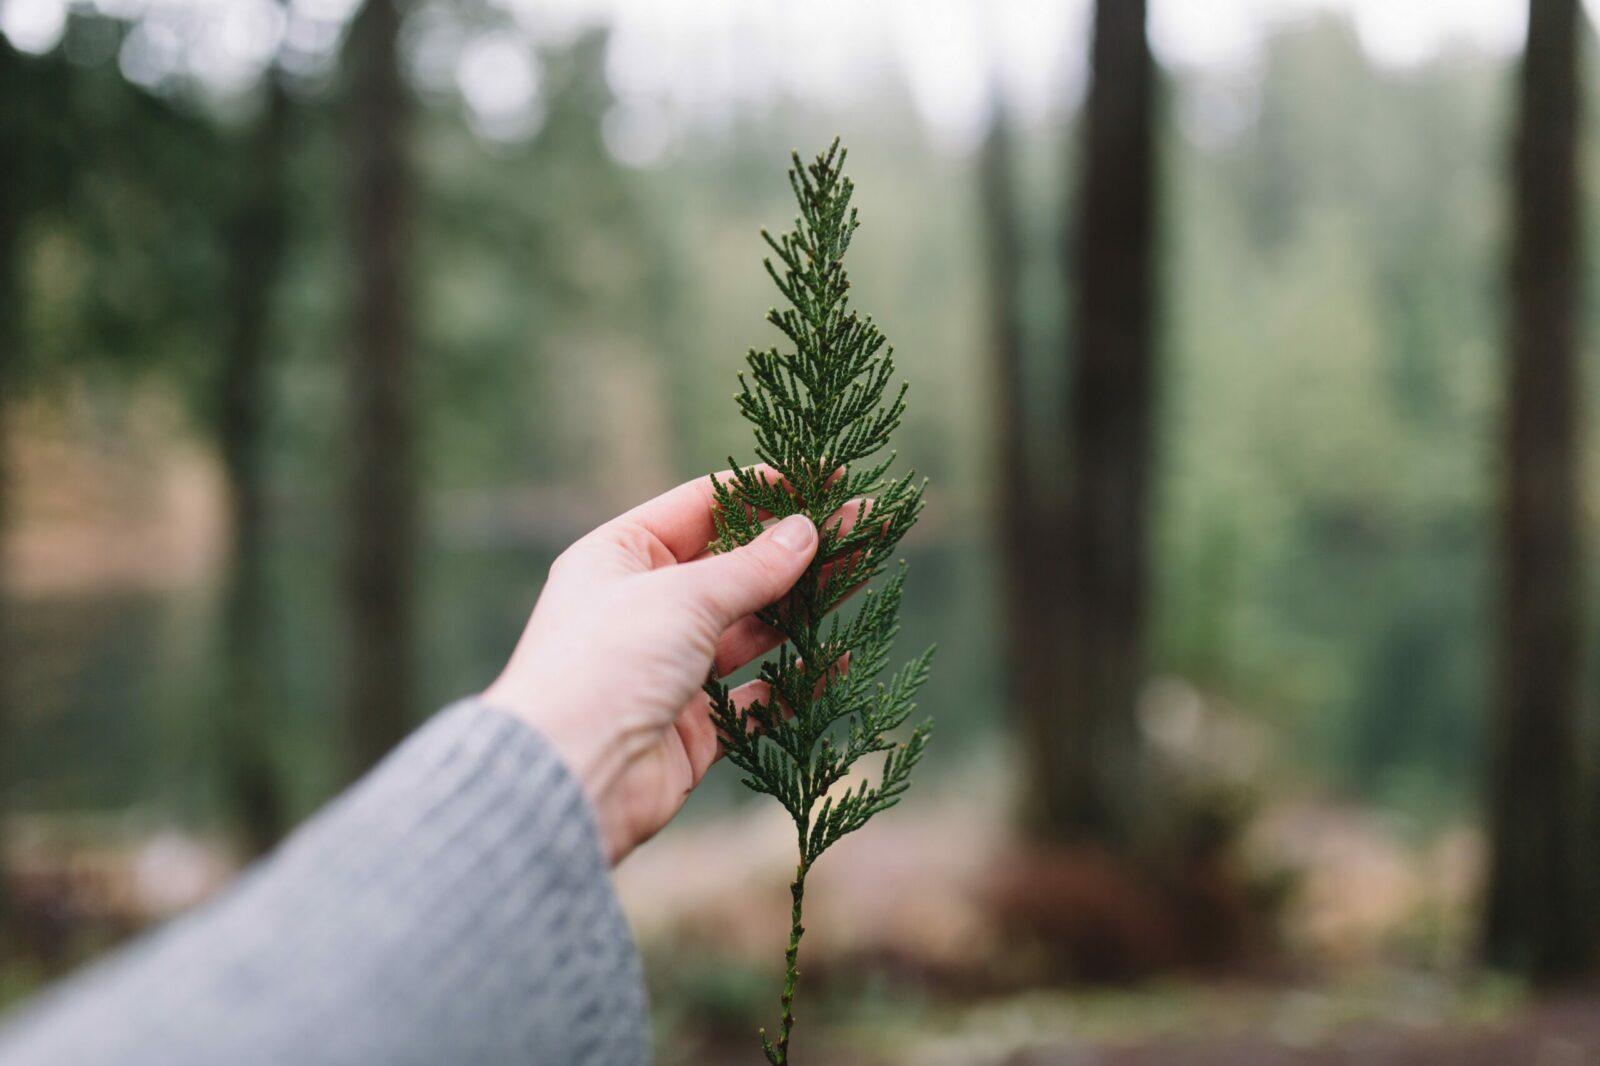 Offsite - Leaf